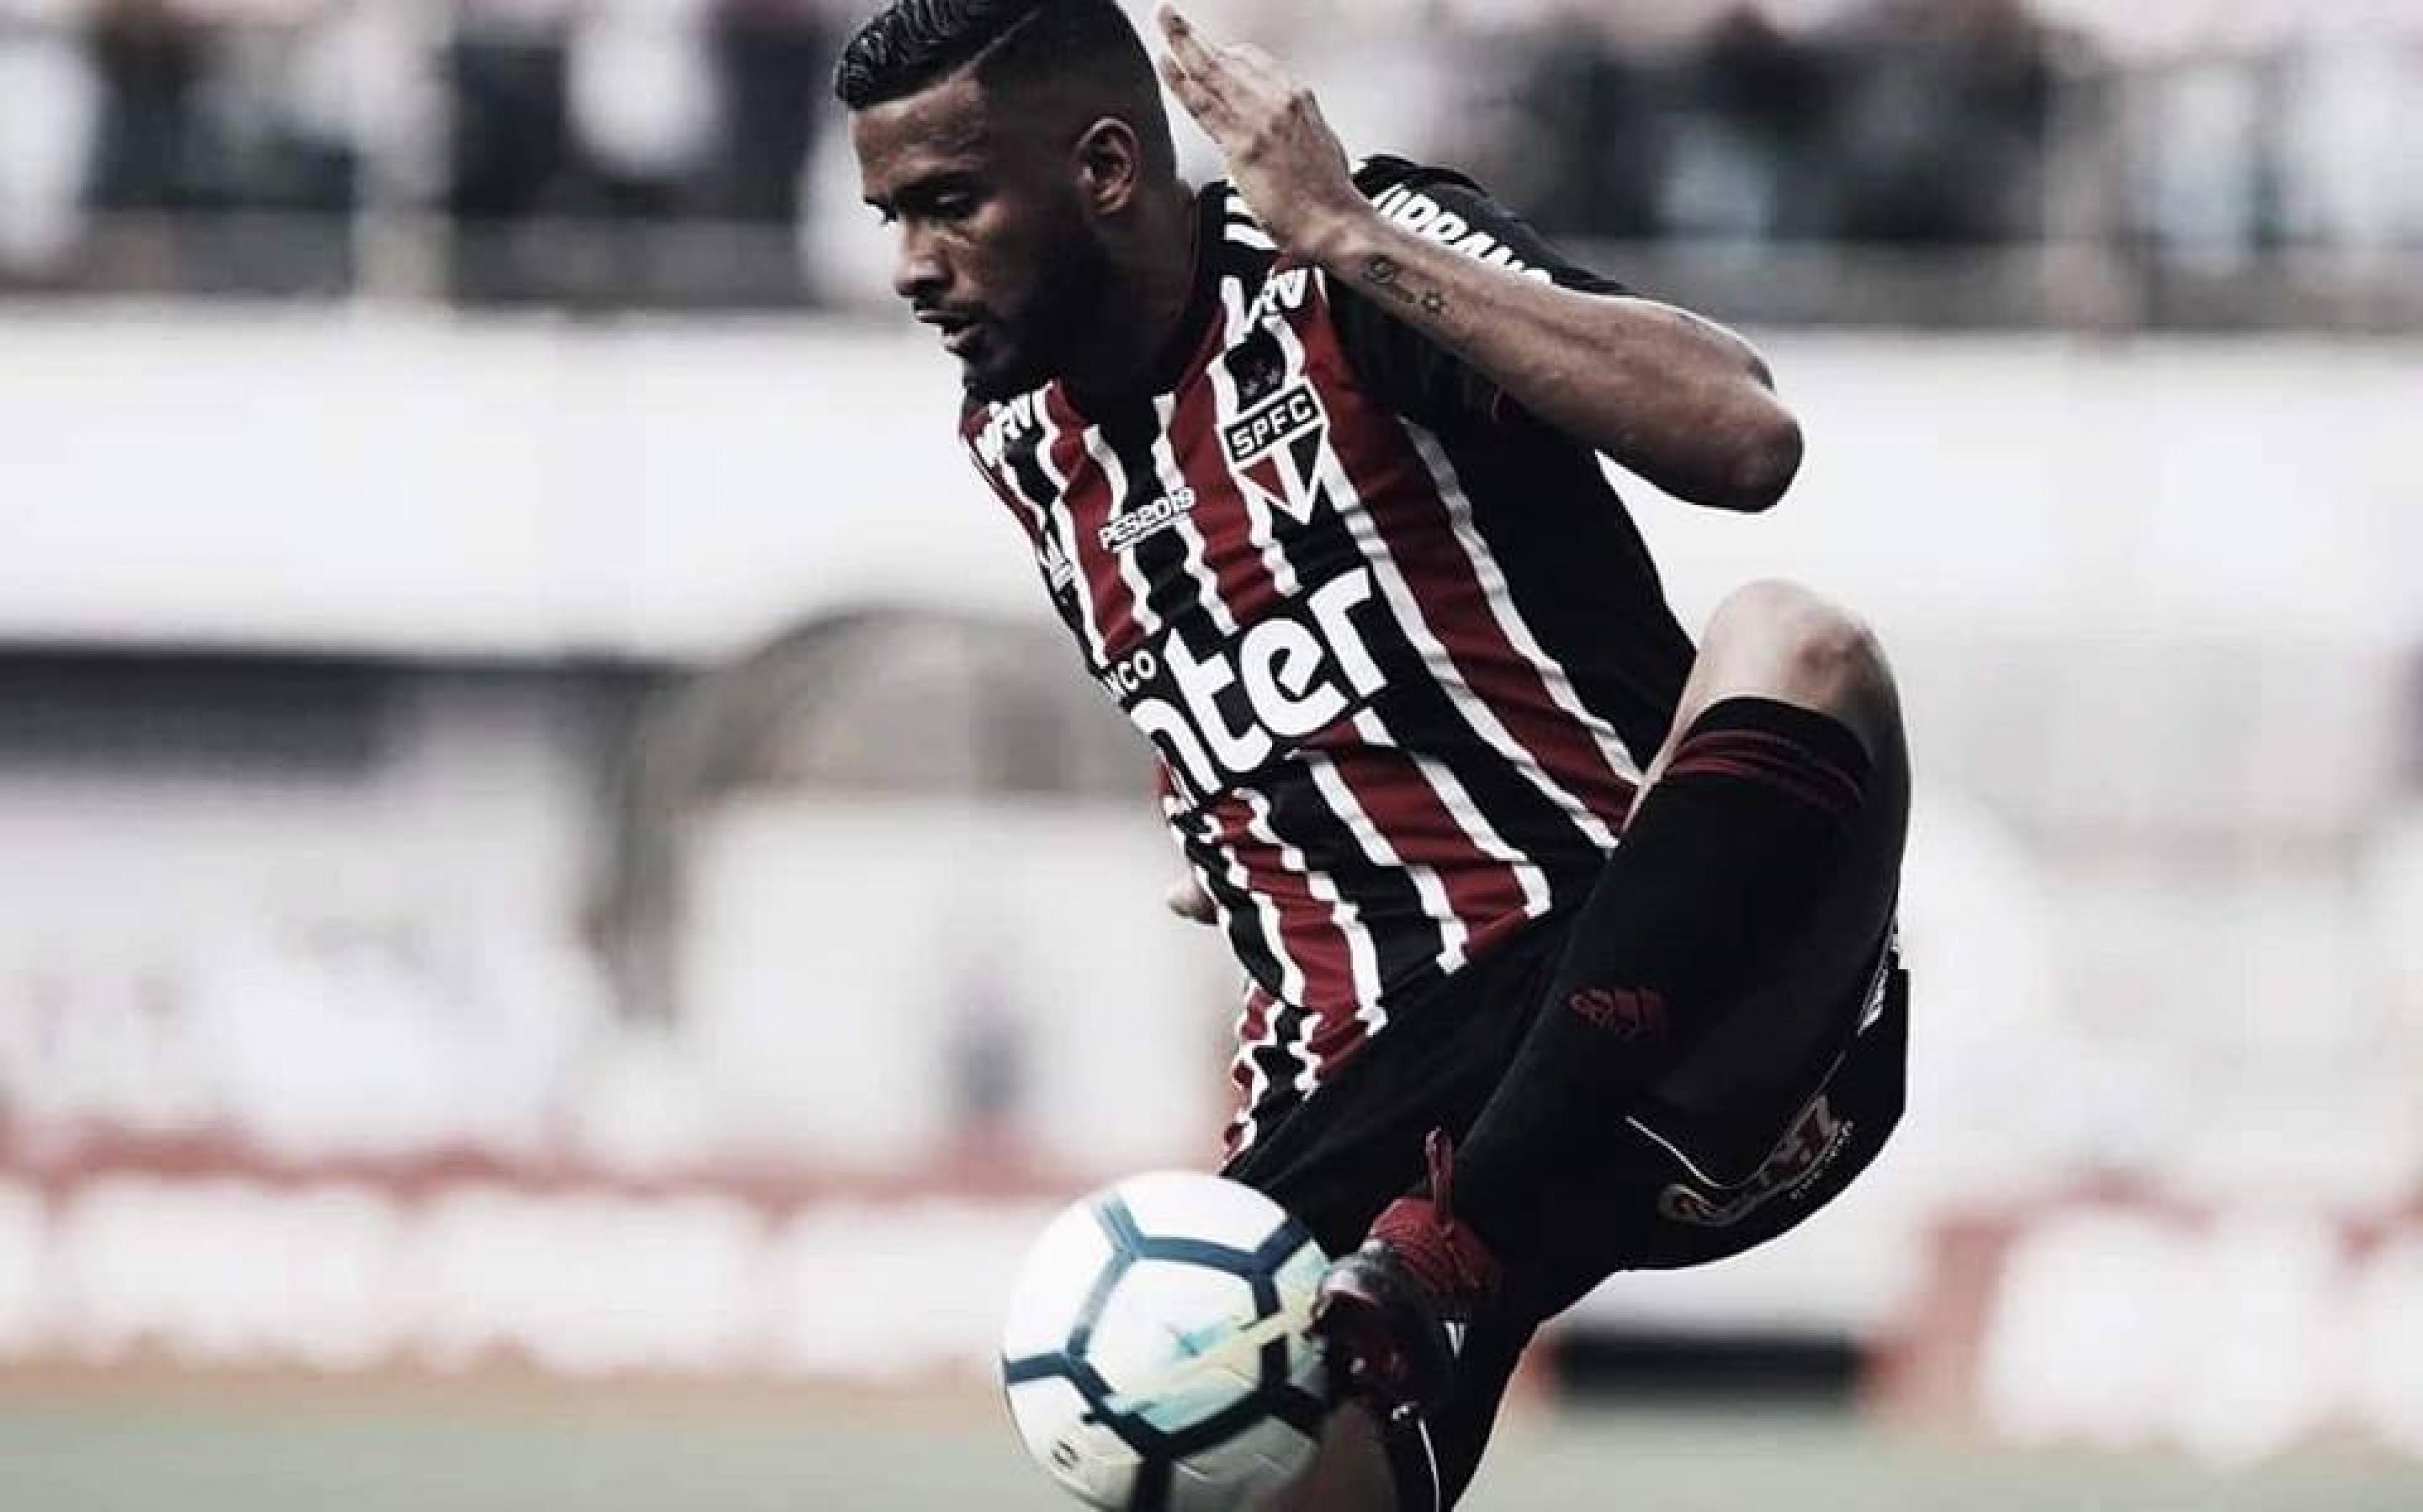 Reinaldo valoriza empate com Santos e diz que vai secar o Internacional